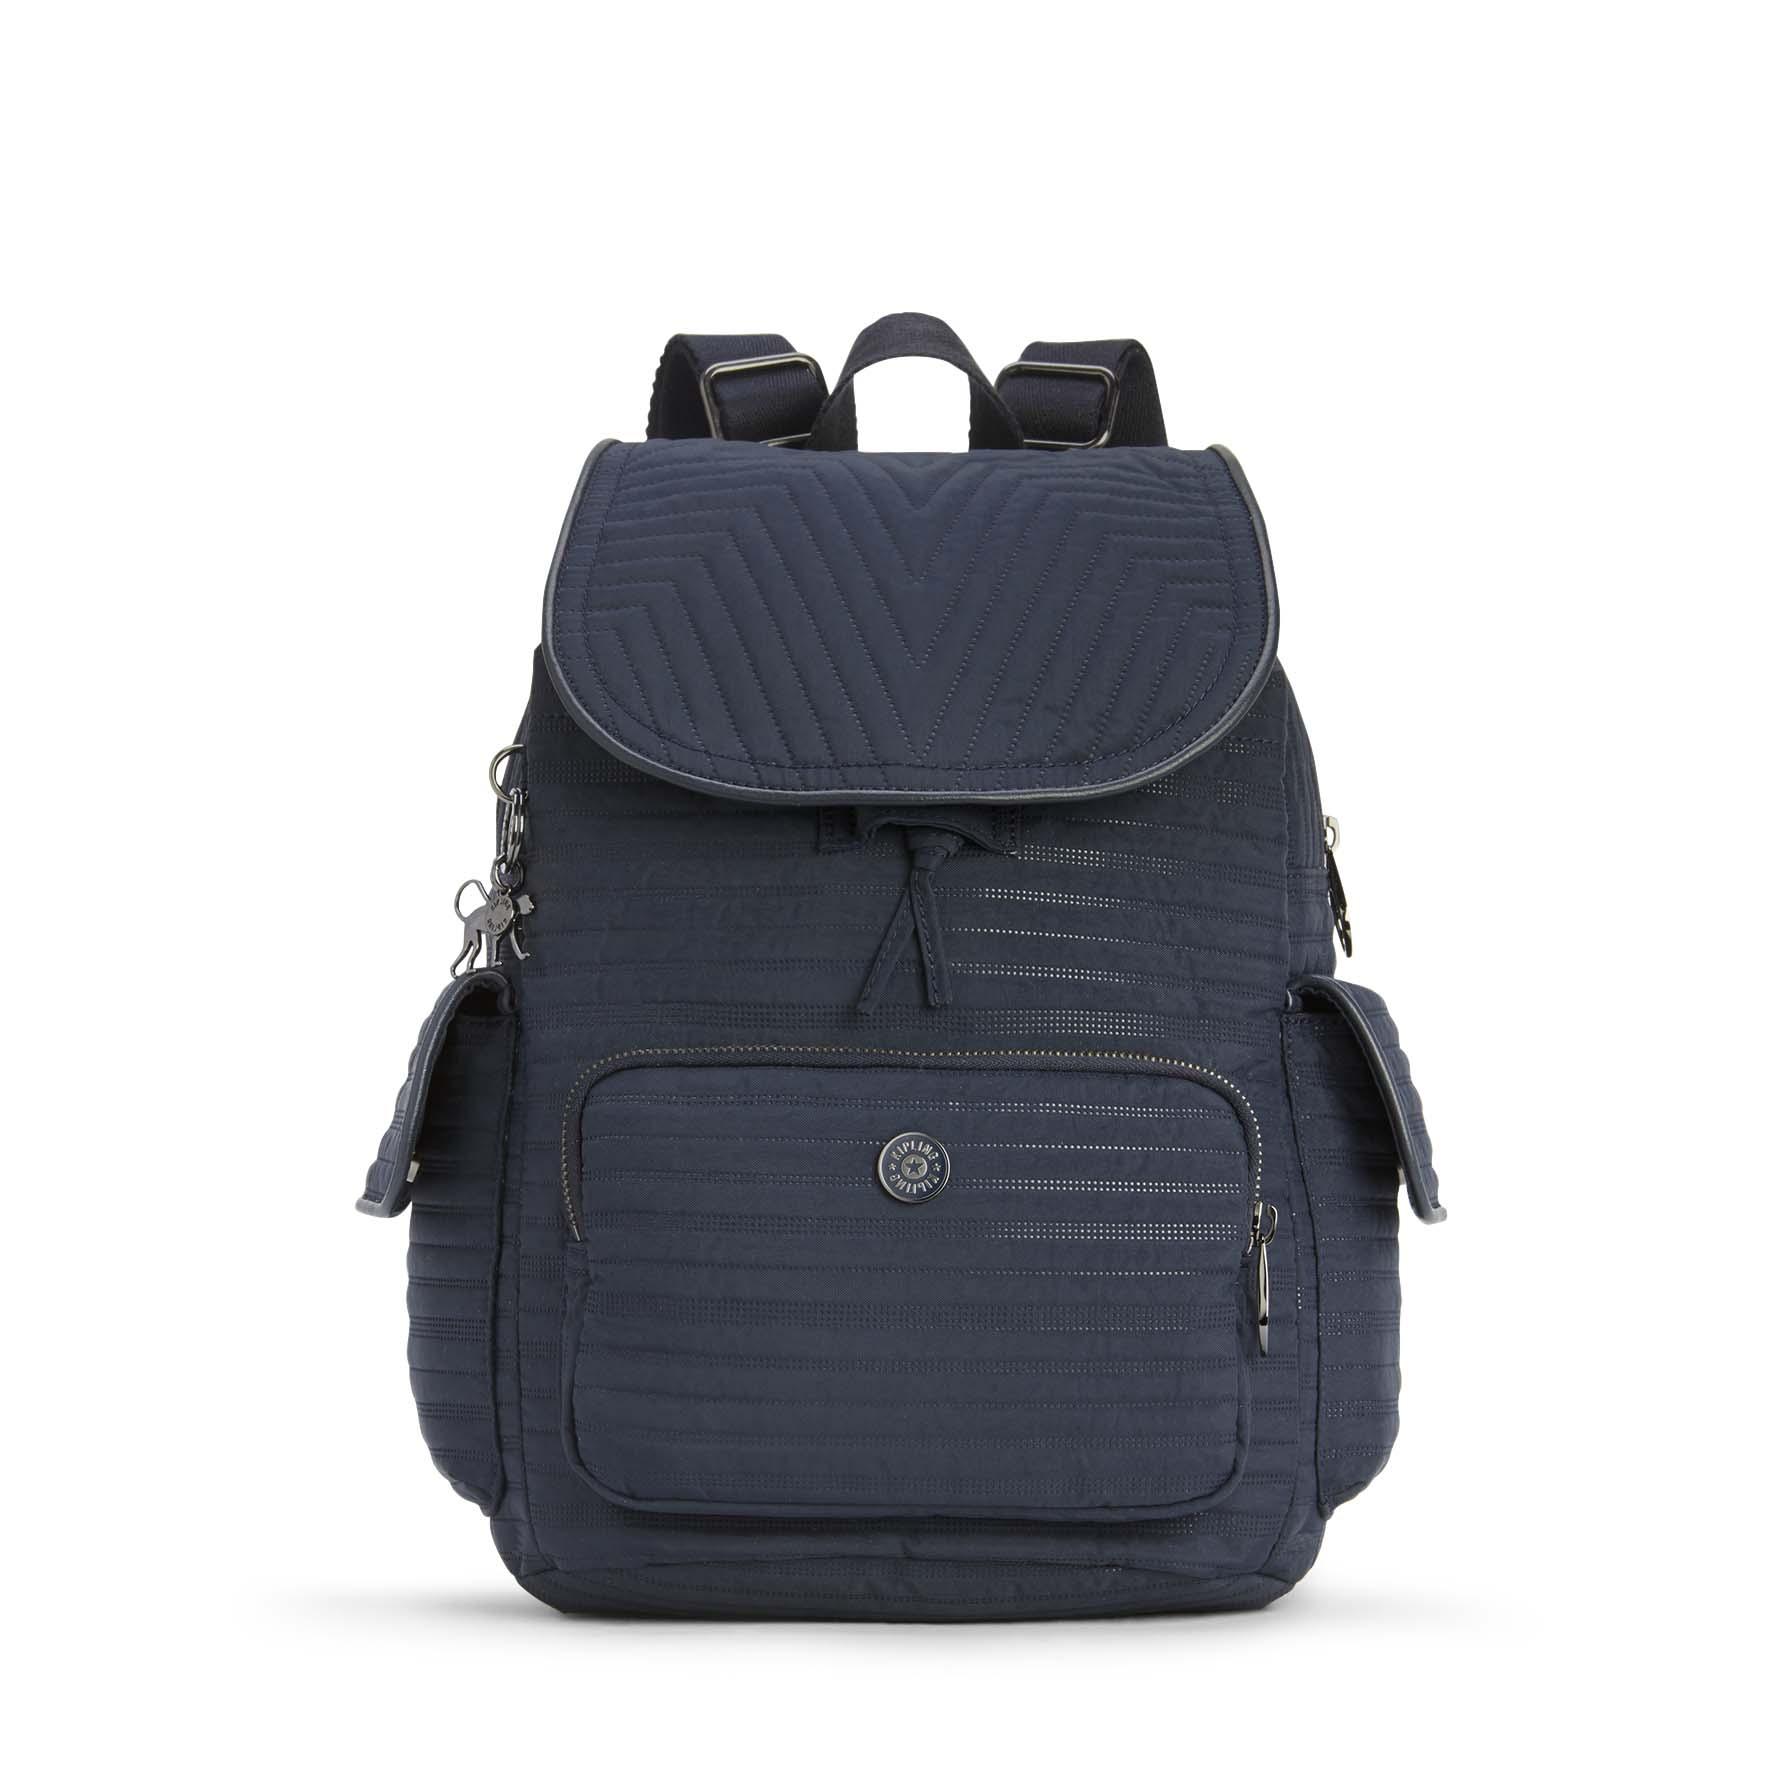 תיק גב קטן City Pack S - Serious Blue  כחול רשמי